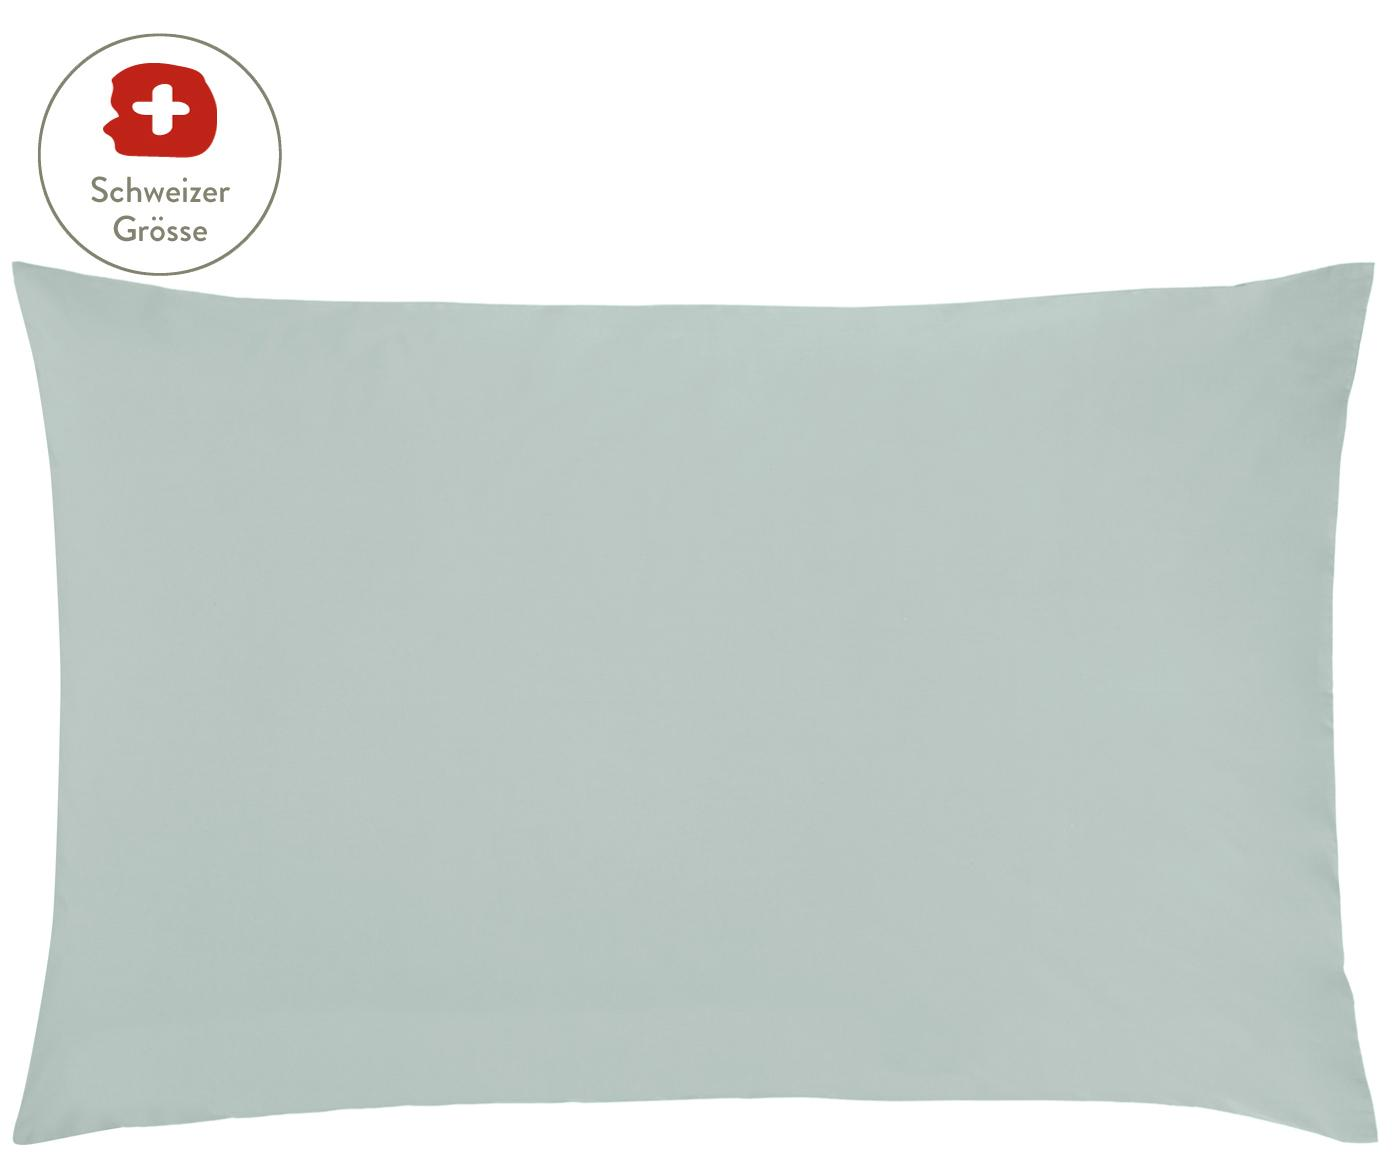 Baumwollperkal-Kissenbezug Elsie in Salbeigrün, Webart: Perkal Fadendichte 200 TC, Salbeigrün, 65 x 100 cm